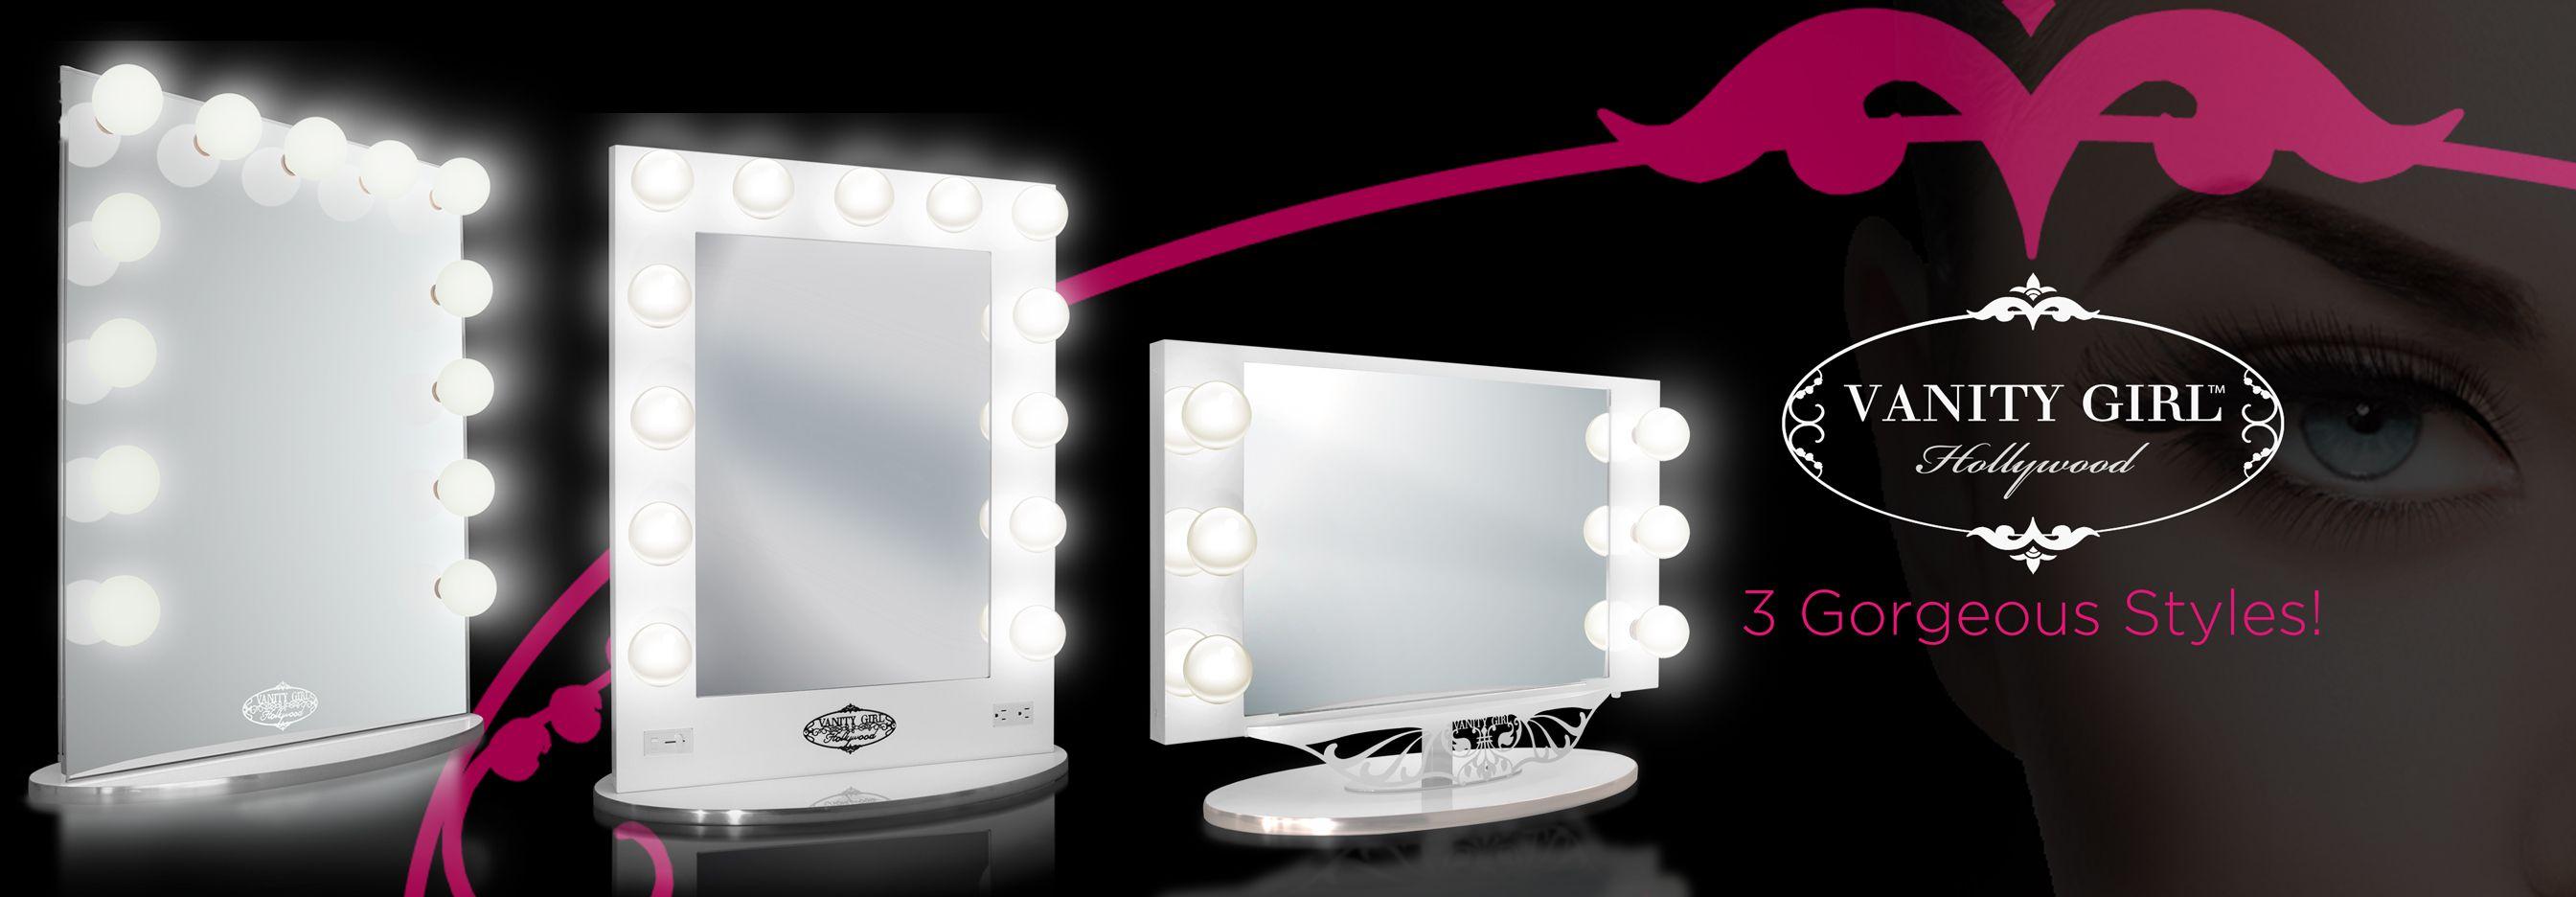 Vanity Girl Hollywood Lighted Vanity Makeup Mirrors Me Makeup